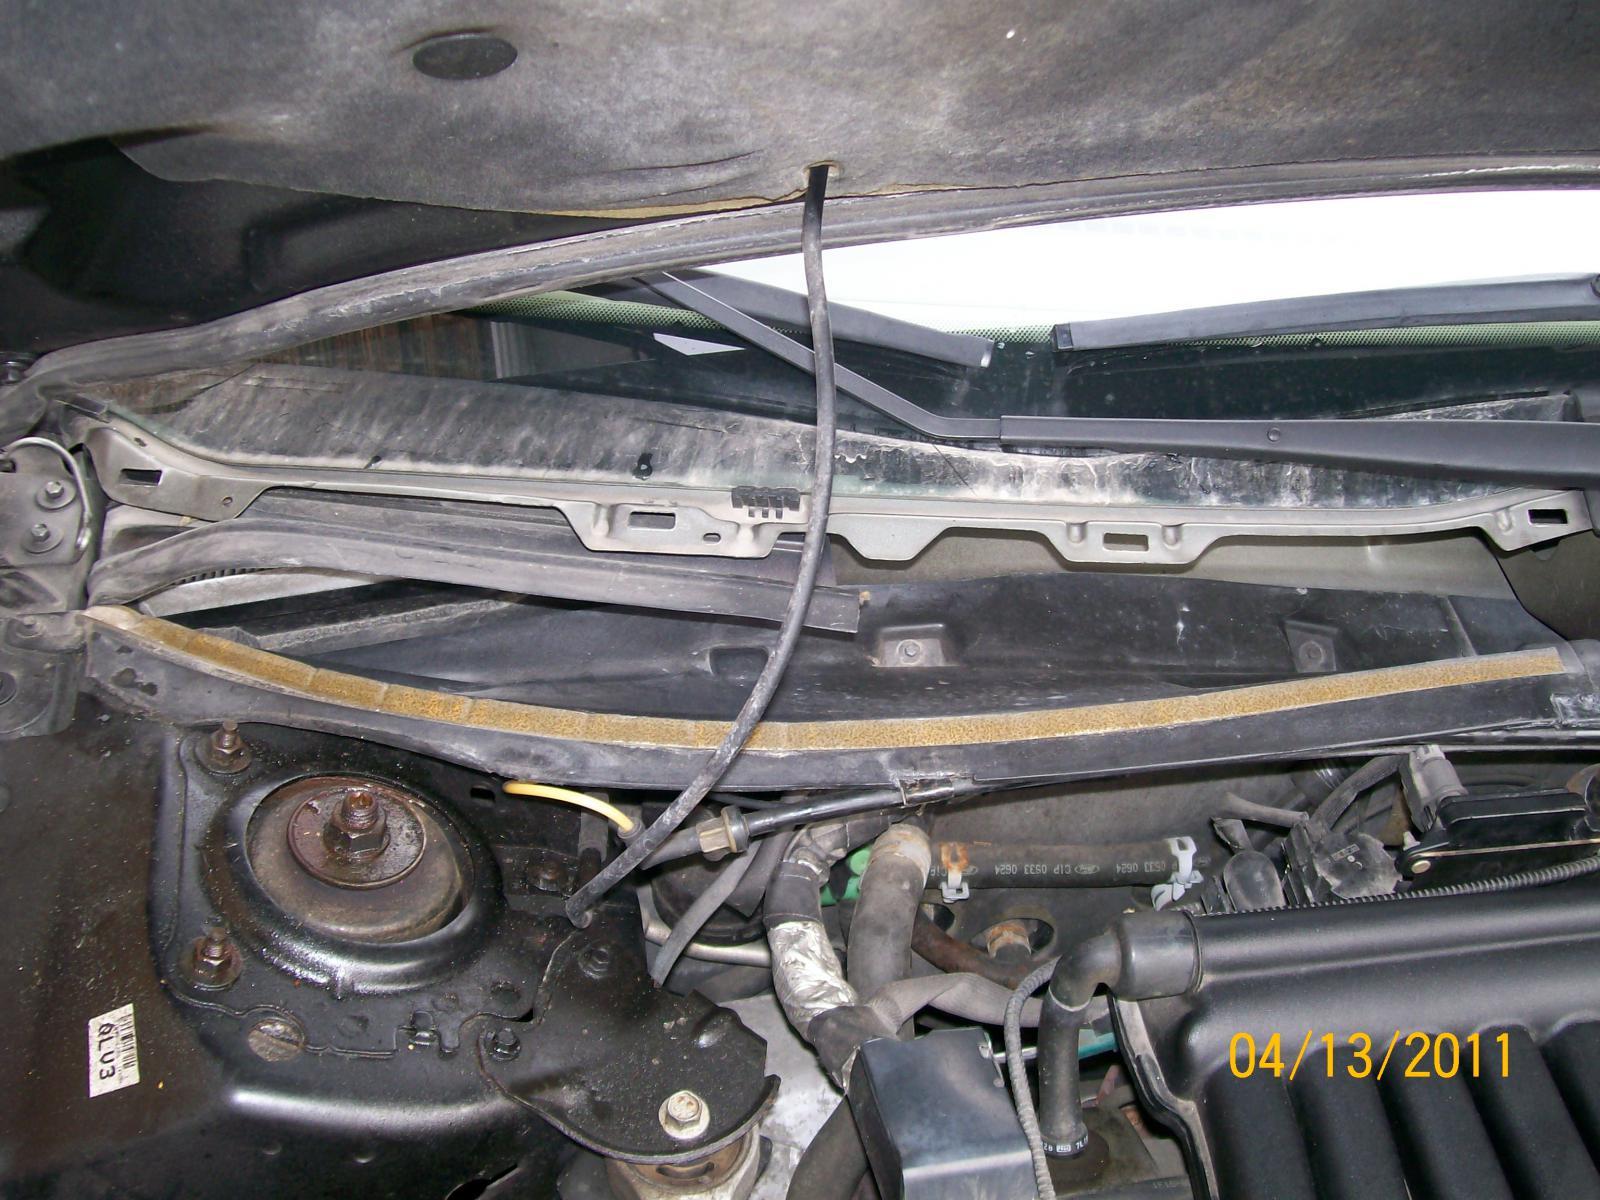 2003 Taurus With Wet Floor Front Passenger Help